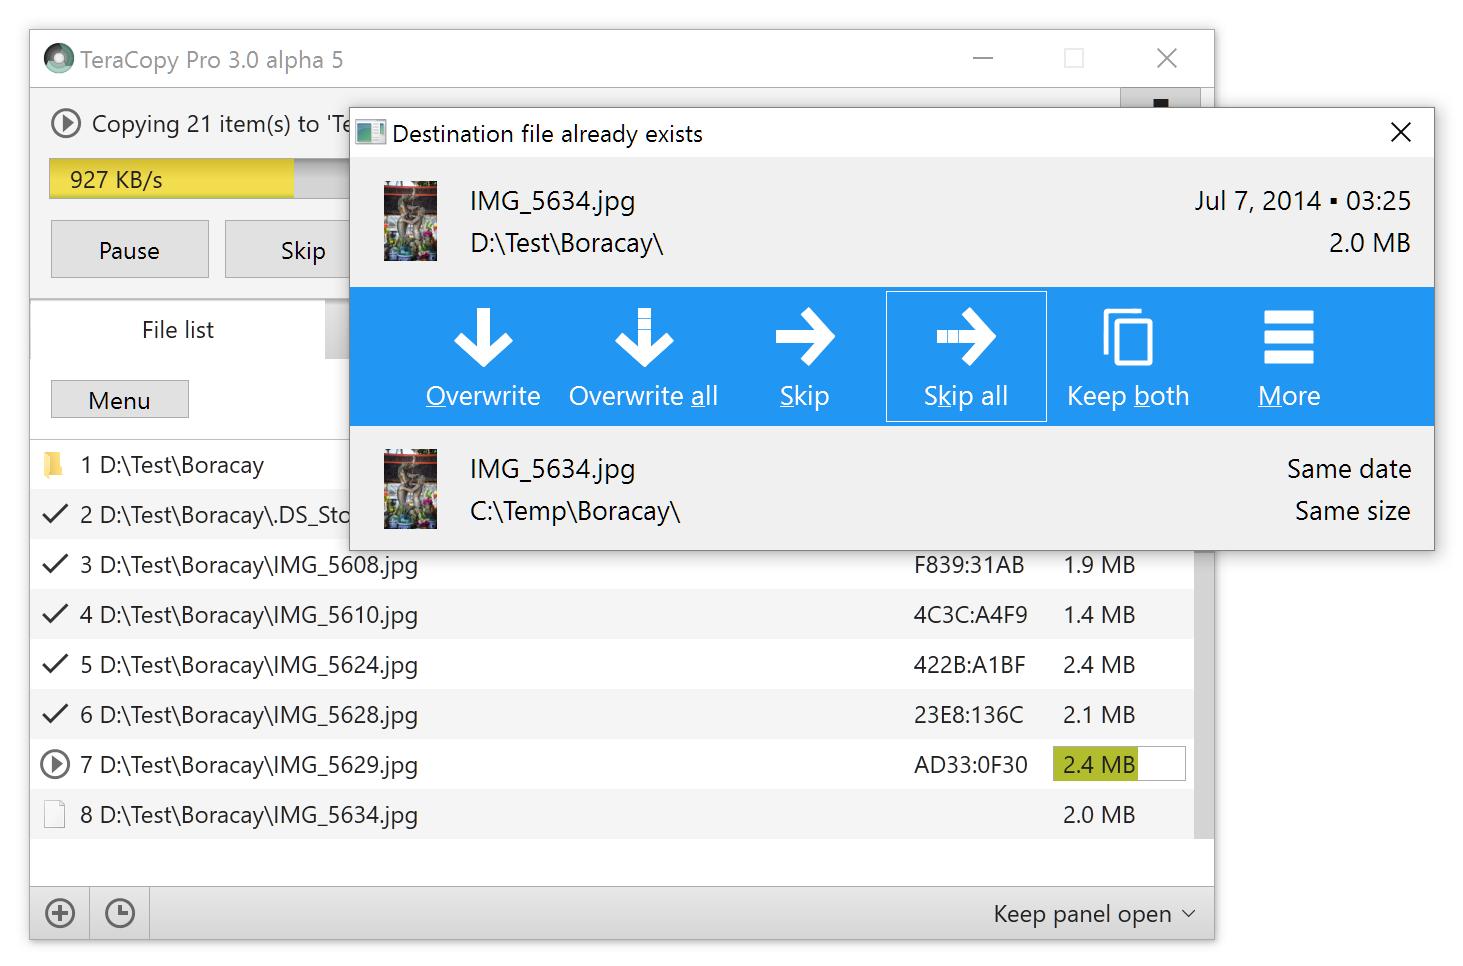 TeraCopy Pro, Software Utilities Screenshot